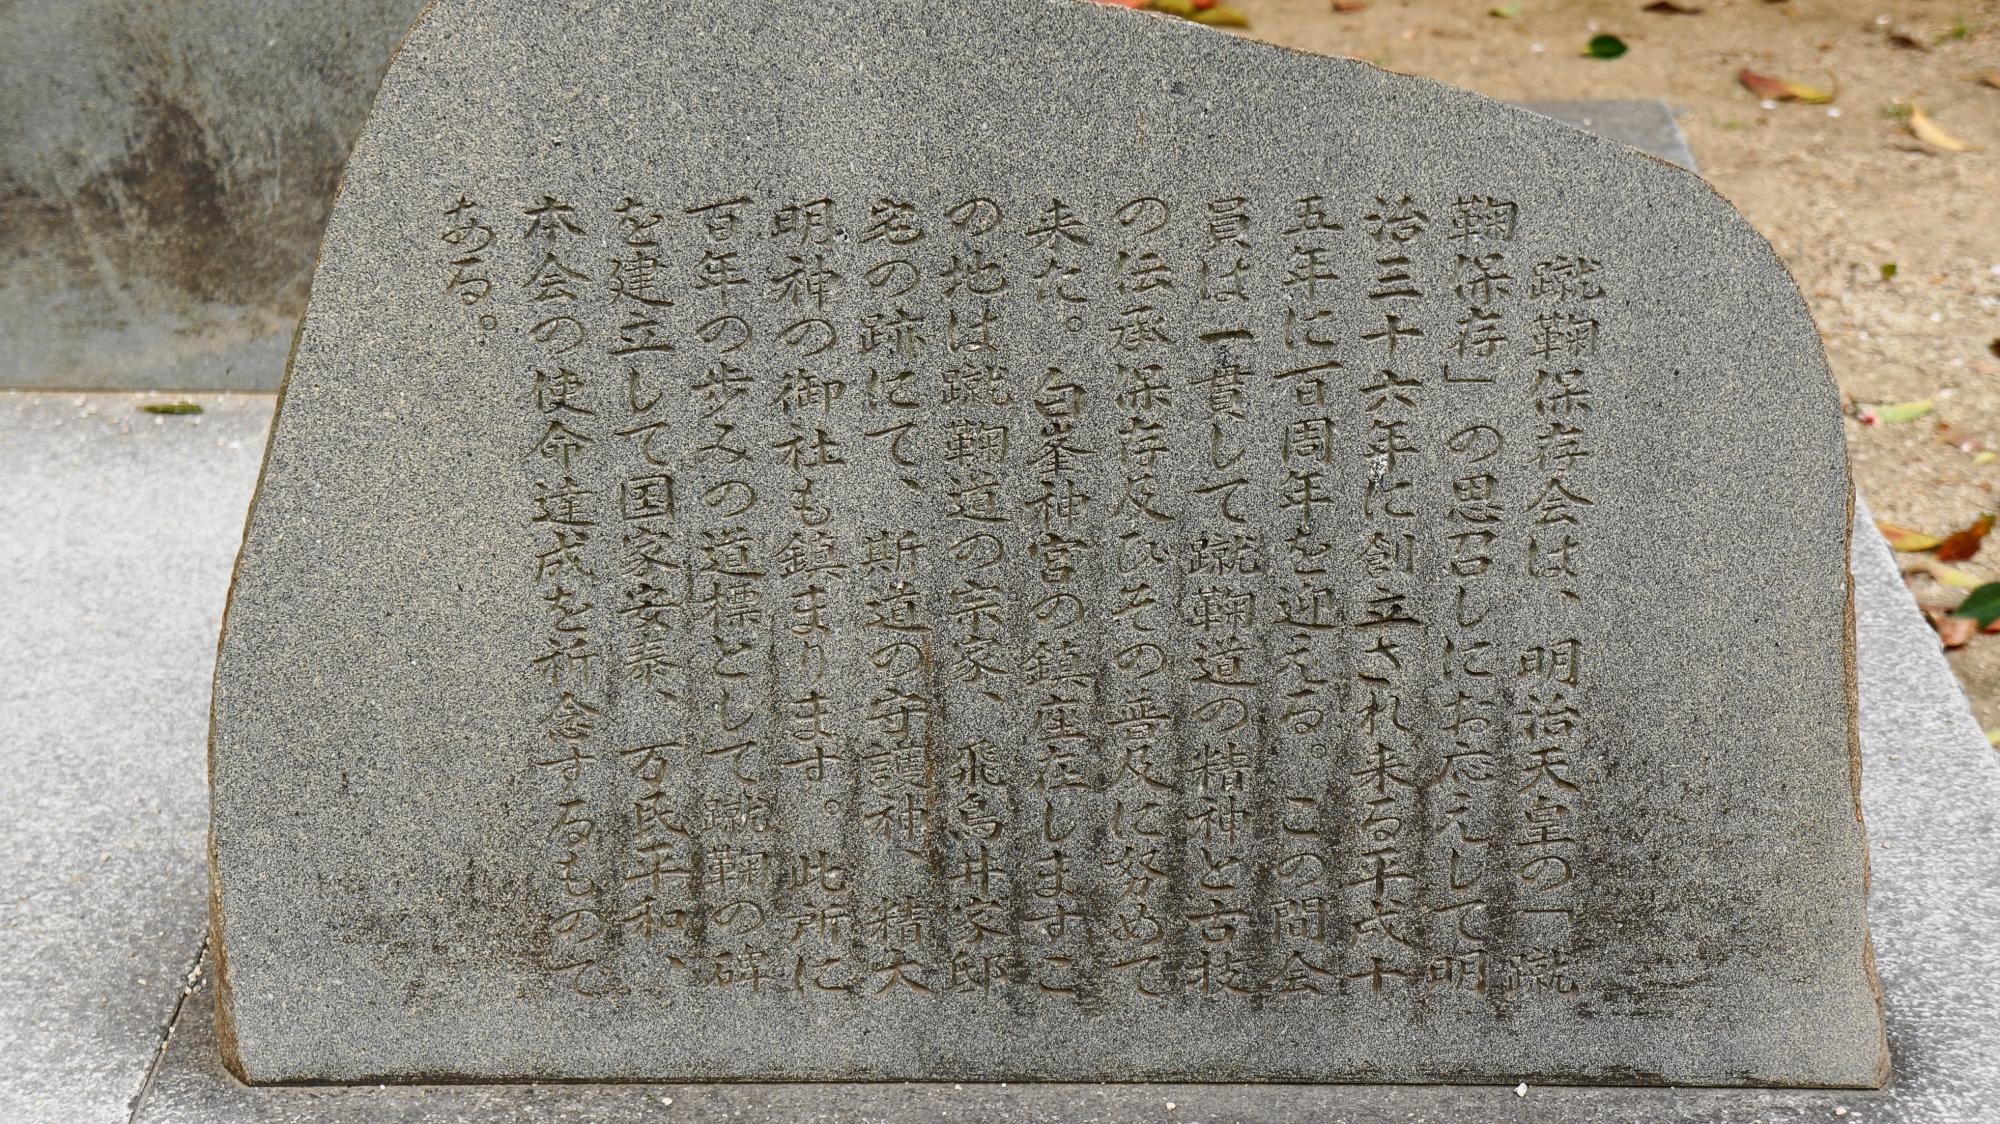 蹴鞠の碑の説明